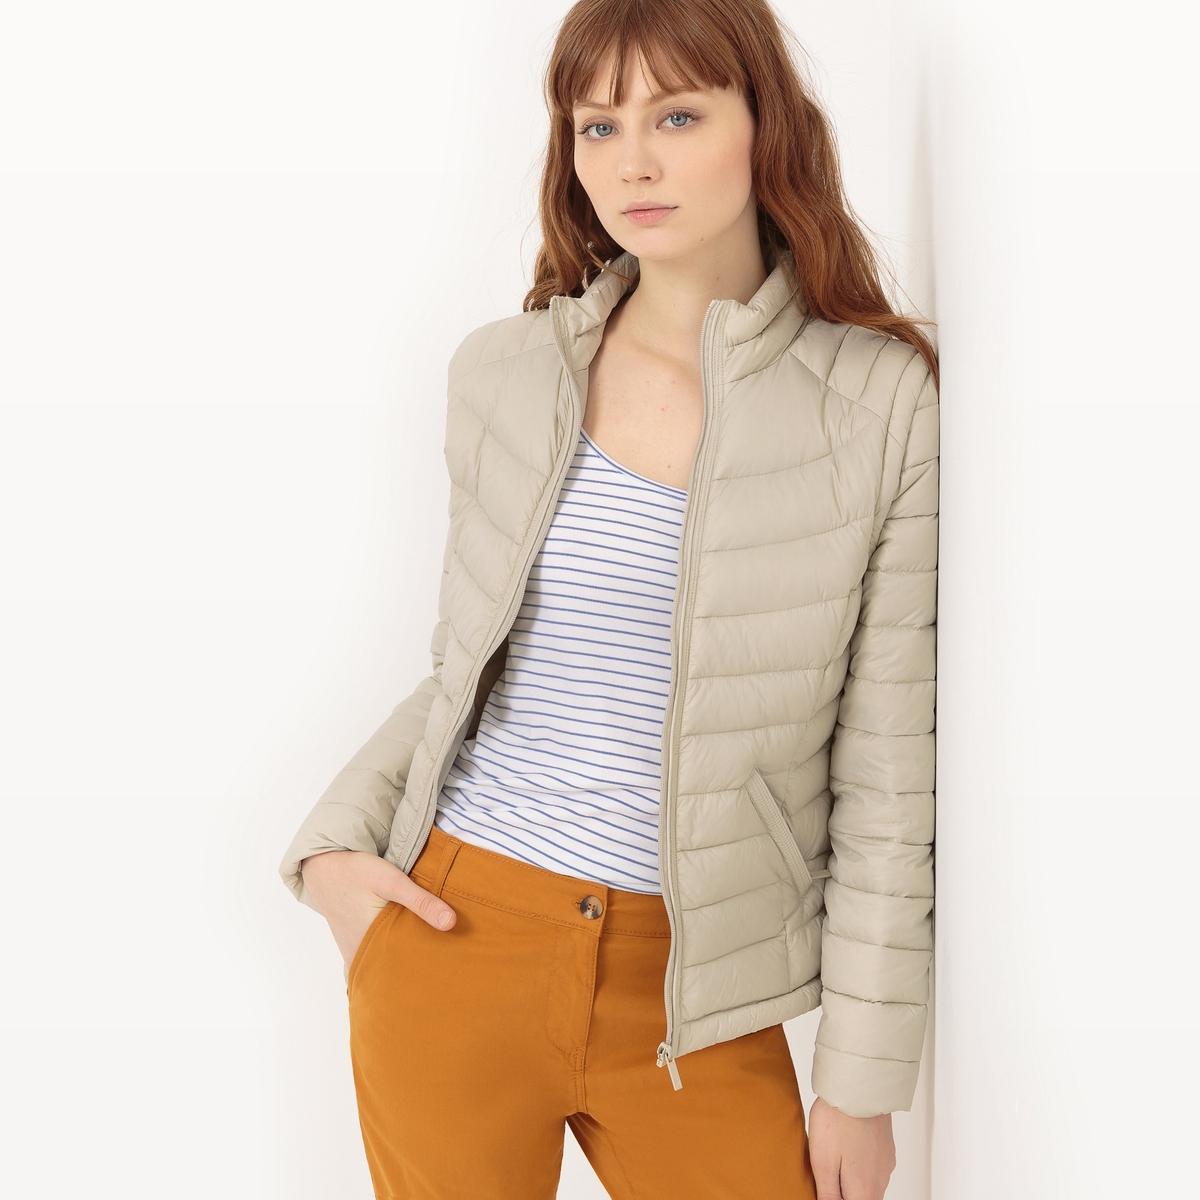 Куртка стеганая короткая с длинными рукавами и высоким воротникомМатериал : 100% полиэстер Тип застежки : застежка на молнию  Форма воротника : высокий воротник Длина куртки : короткая Рисунок : однотонная модель<br><br>Цвет: темно-синий,экрю<br>Размер: M